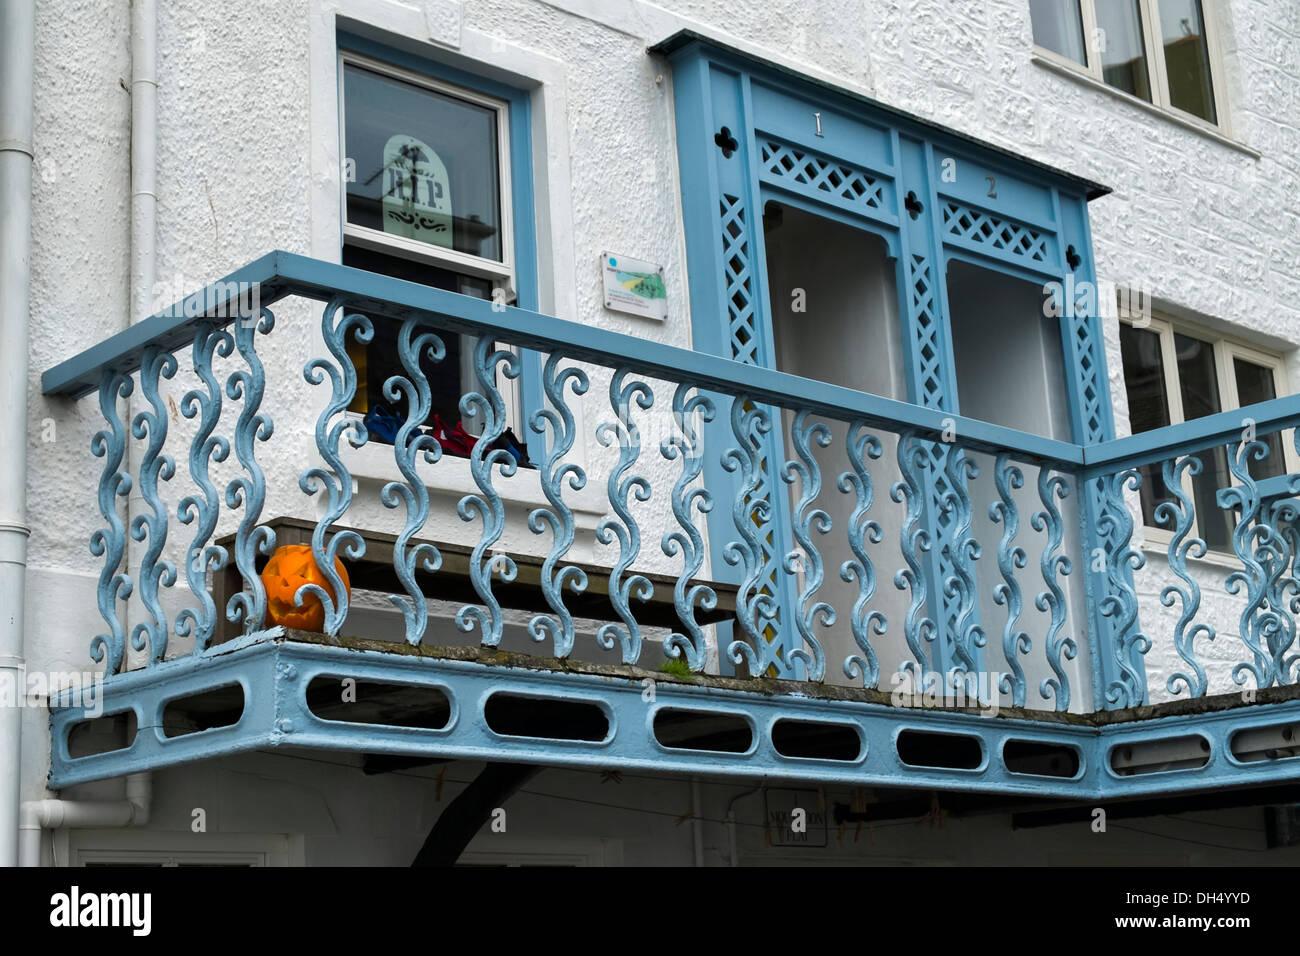 einen Balkon mit einem gusseisernen Geländer (Brüstung) mit einem Halloweenkürbis auf dem display Stockbild